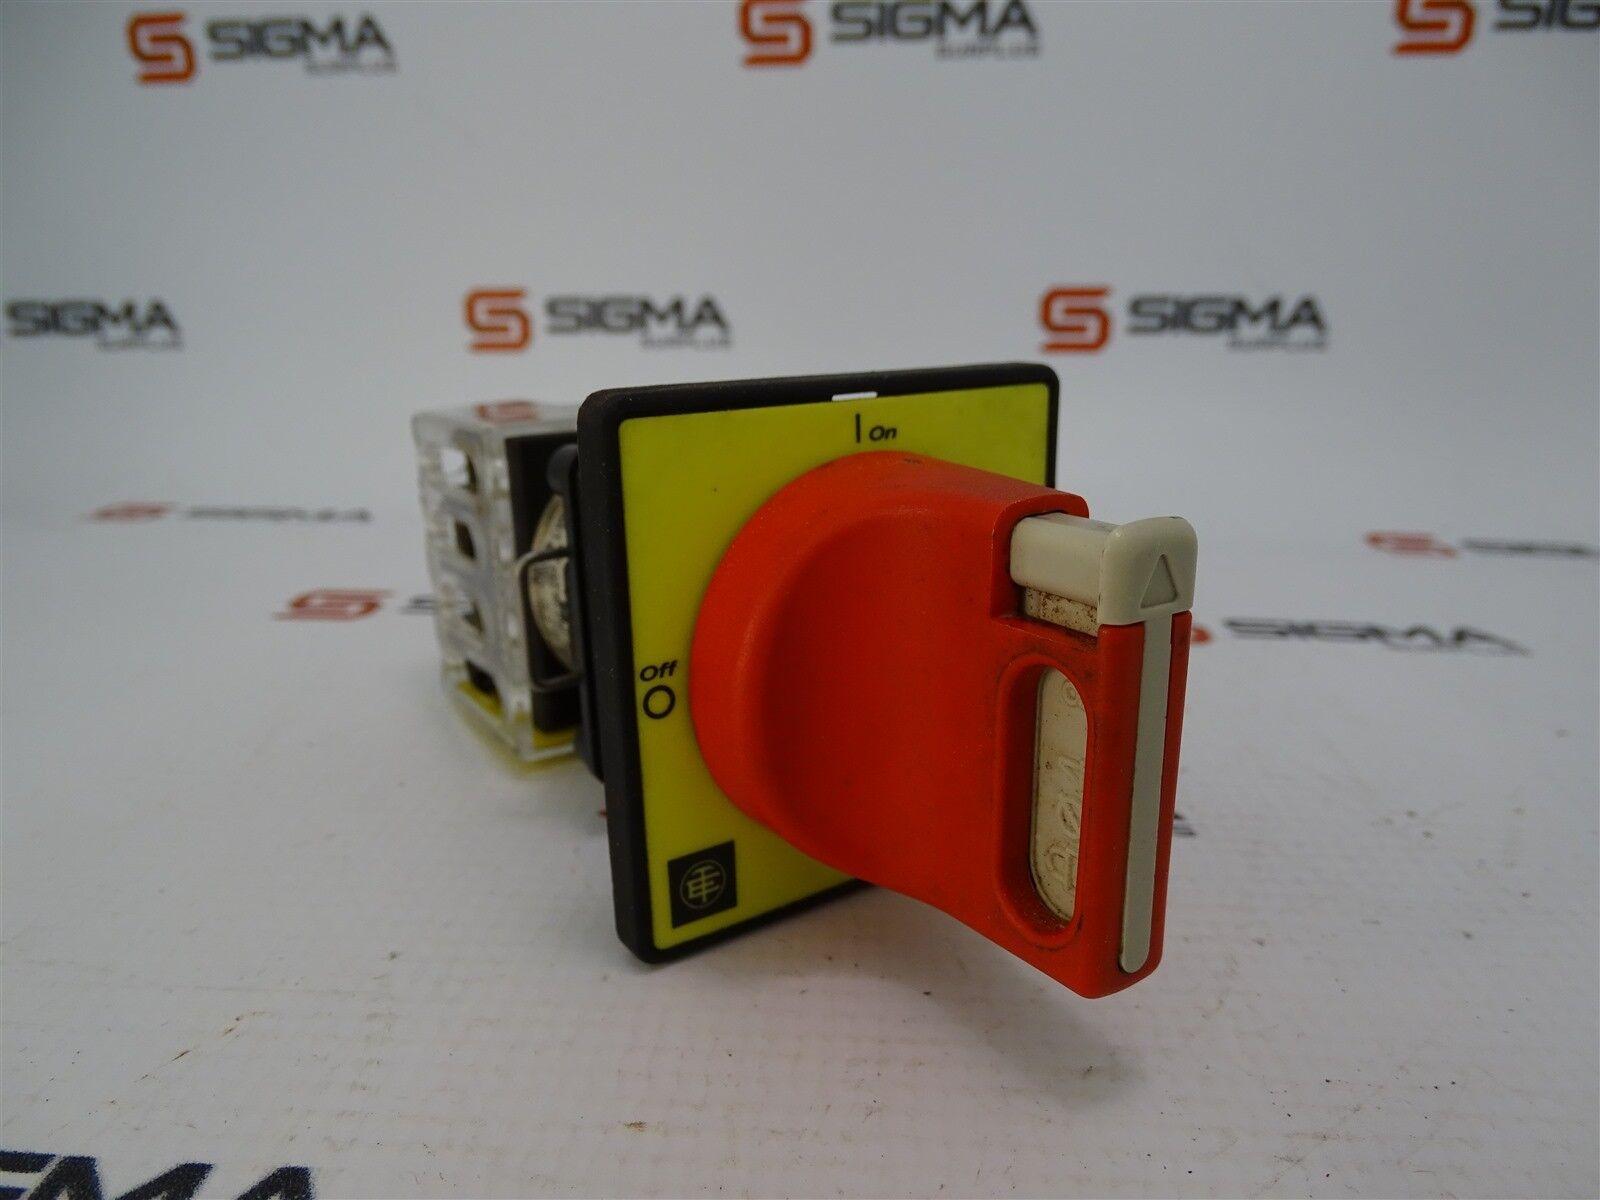 Telemecanique K2C003H, 2-Position On/Off Switch, 300V, 12A